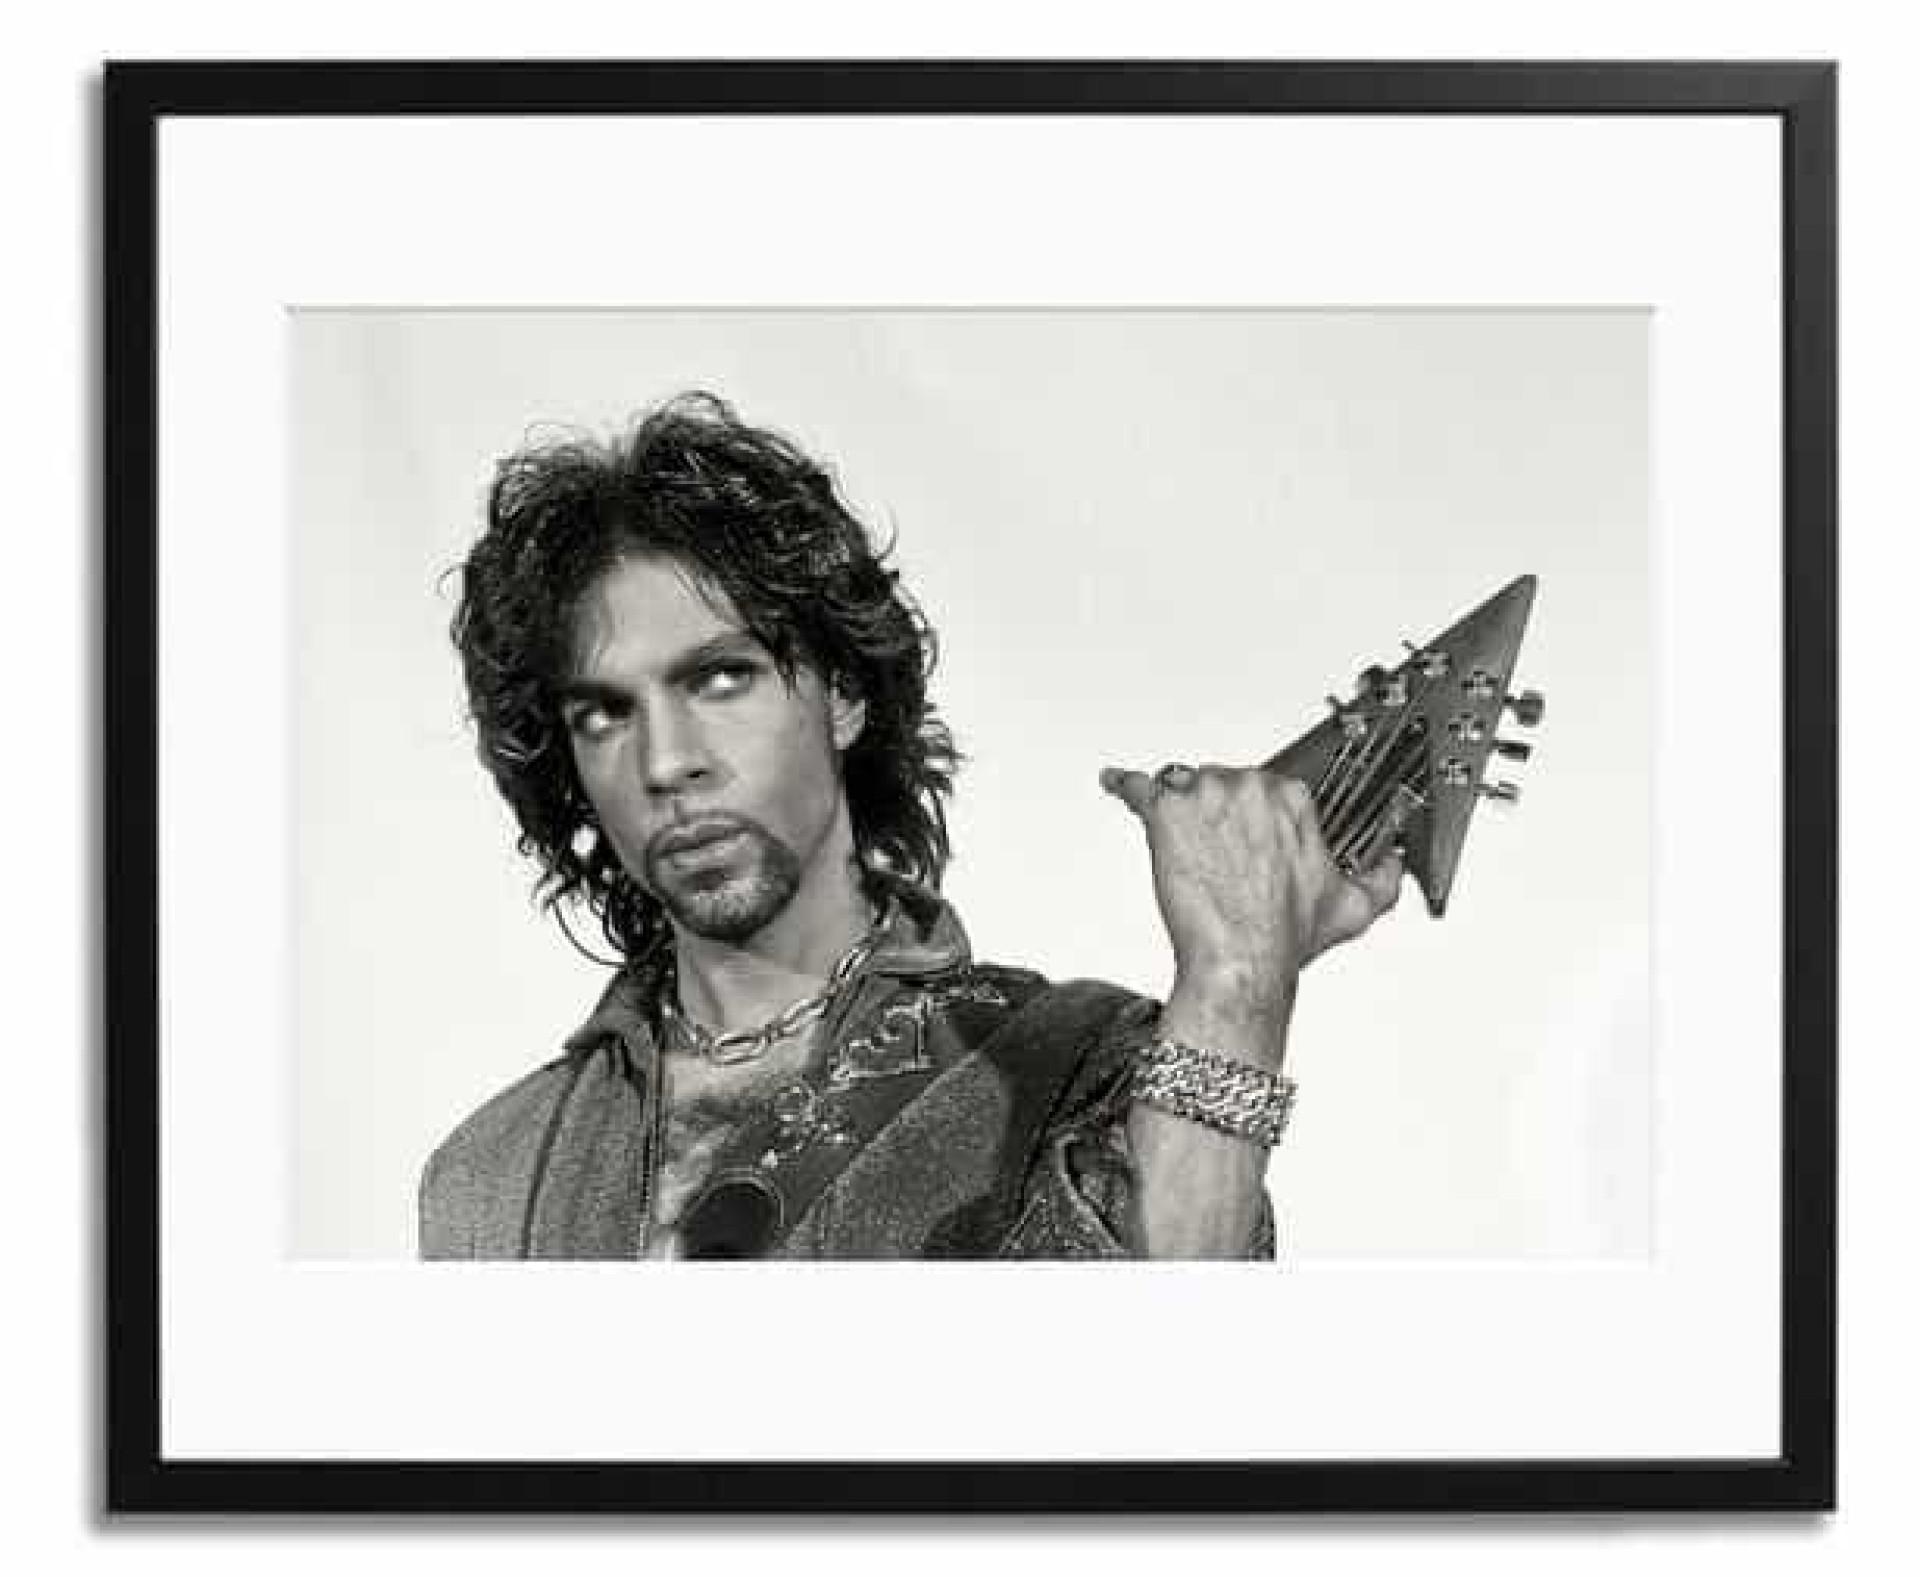 Reveladas fotografias inéditas de Prince